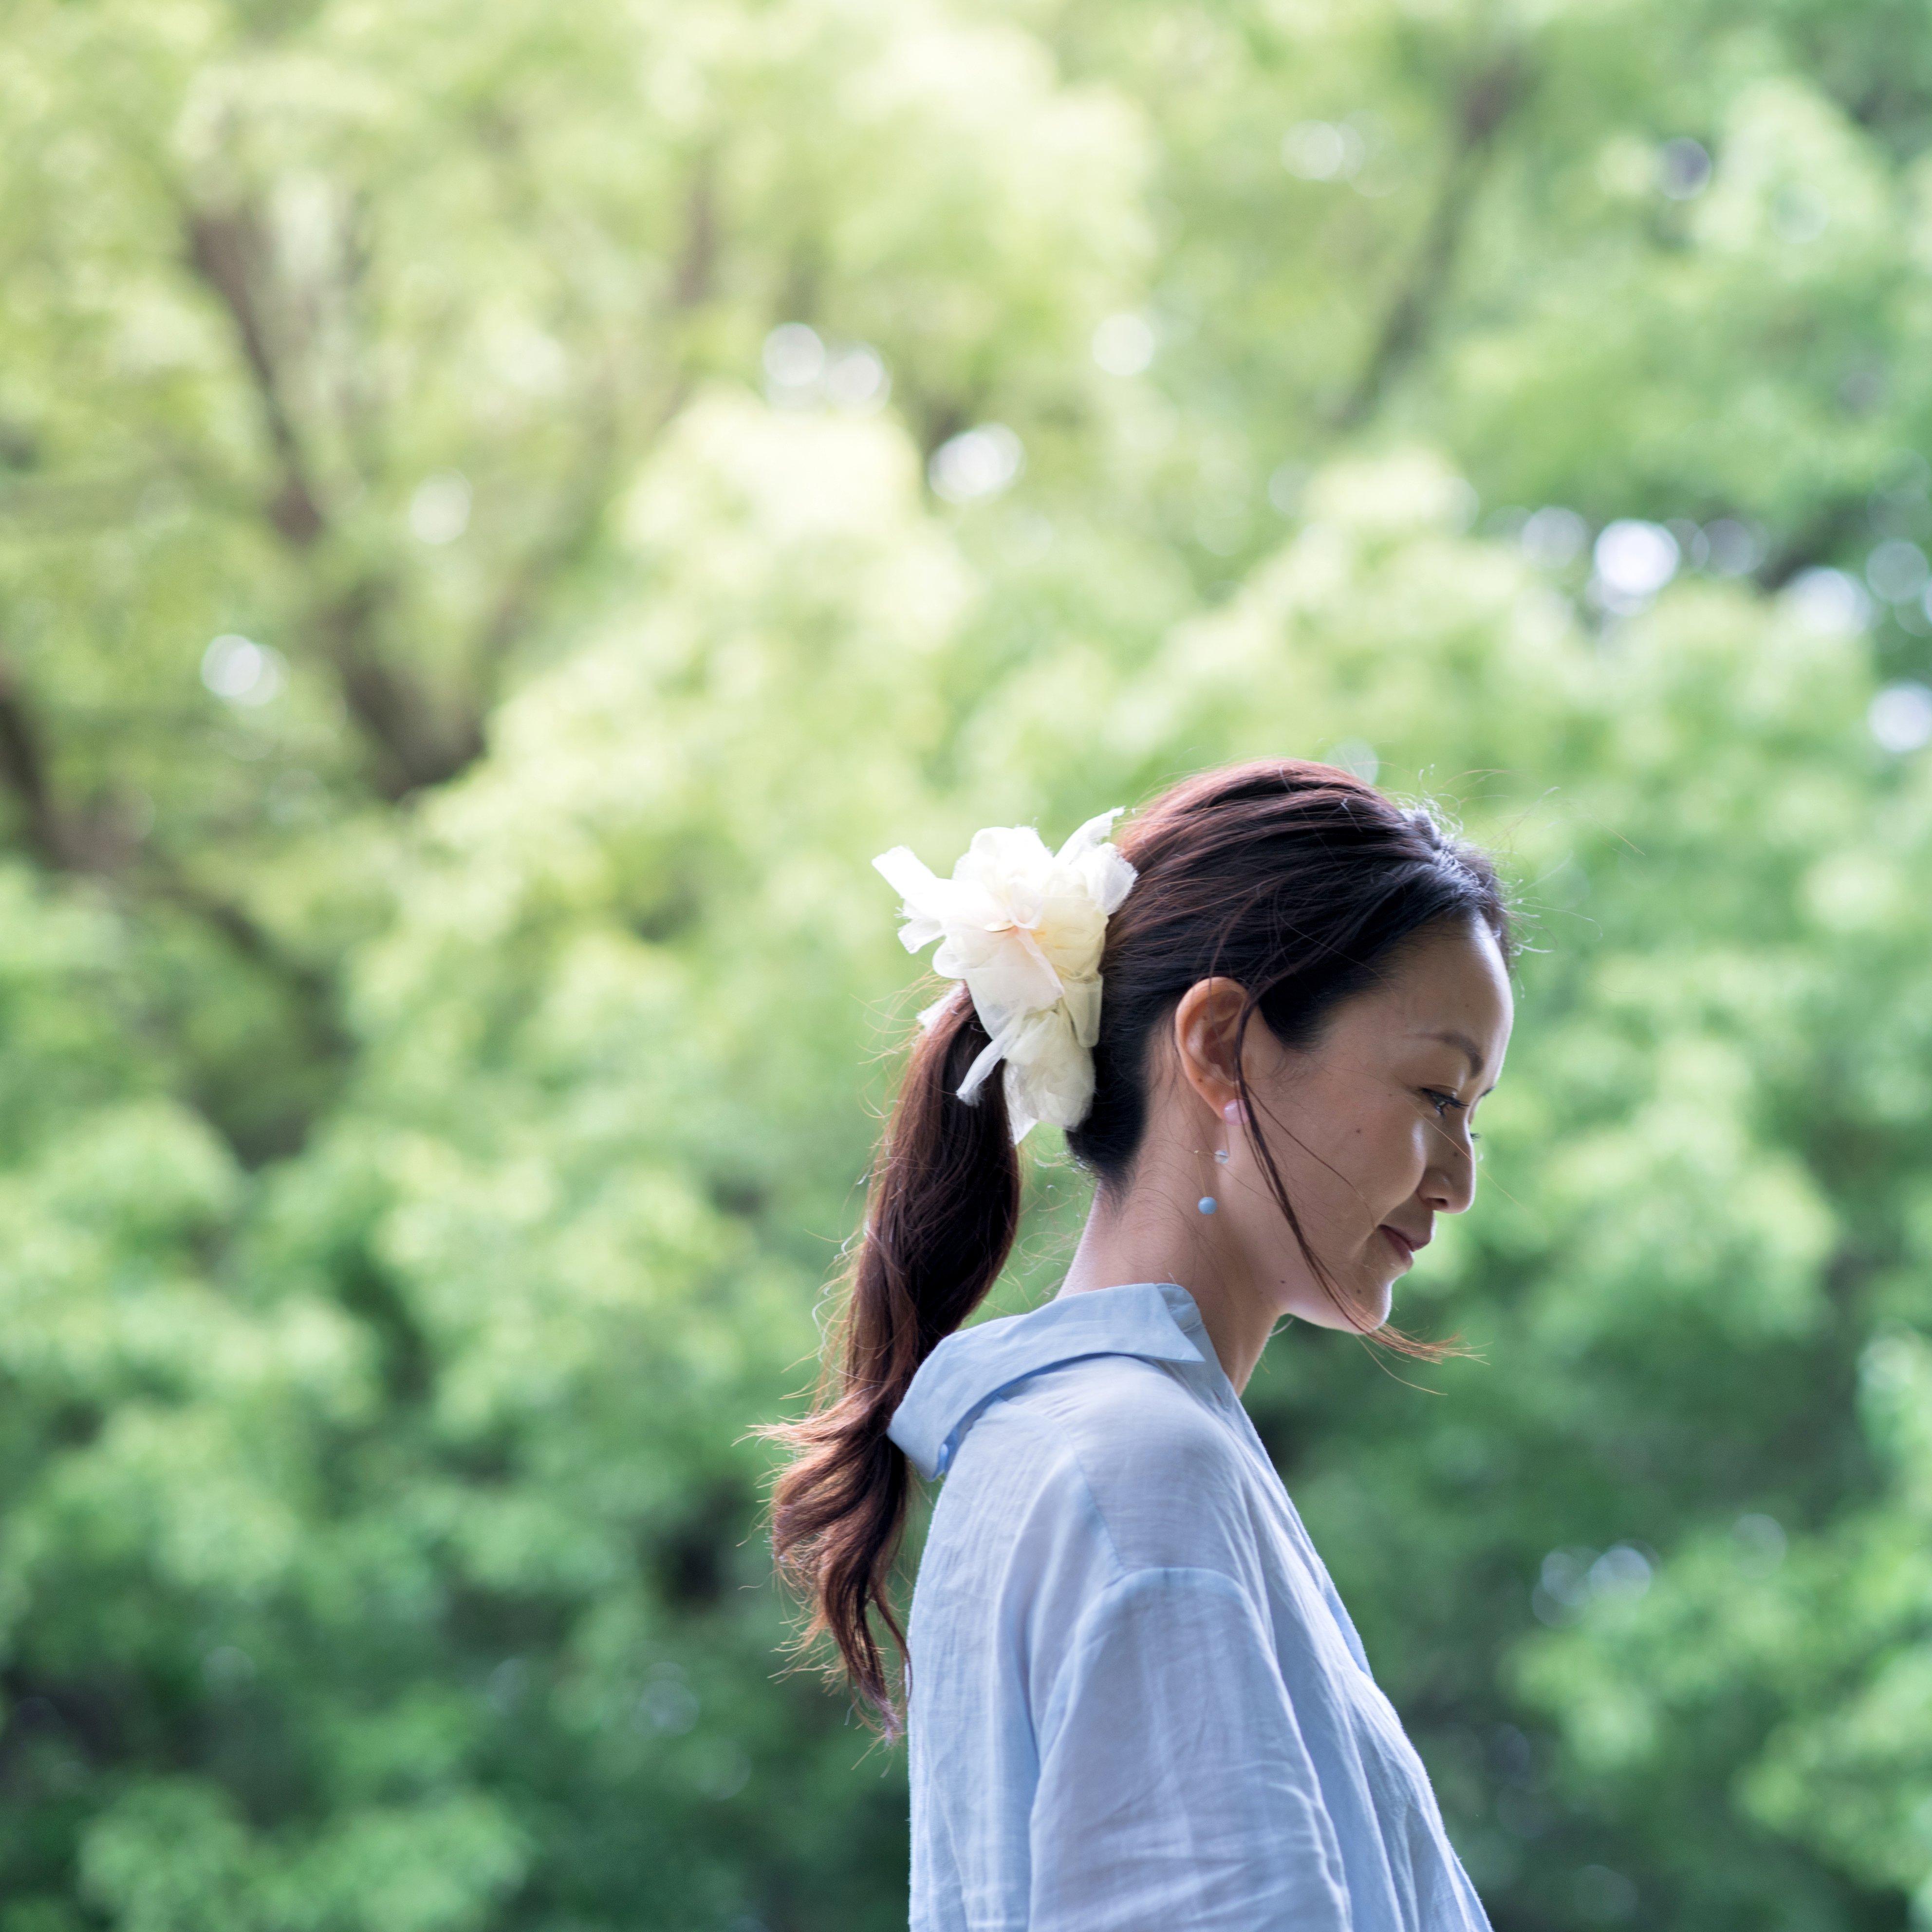 タンポポ~彩る咲き編みシュシュ